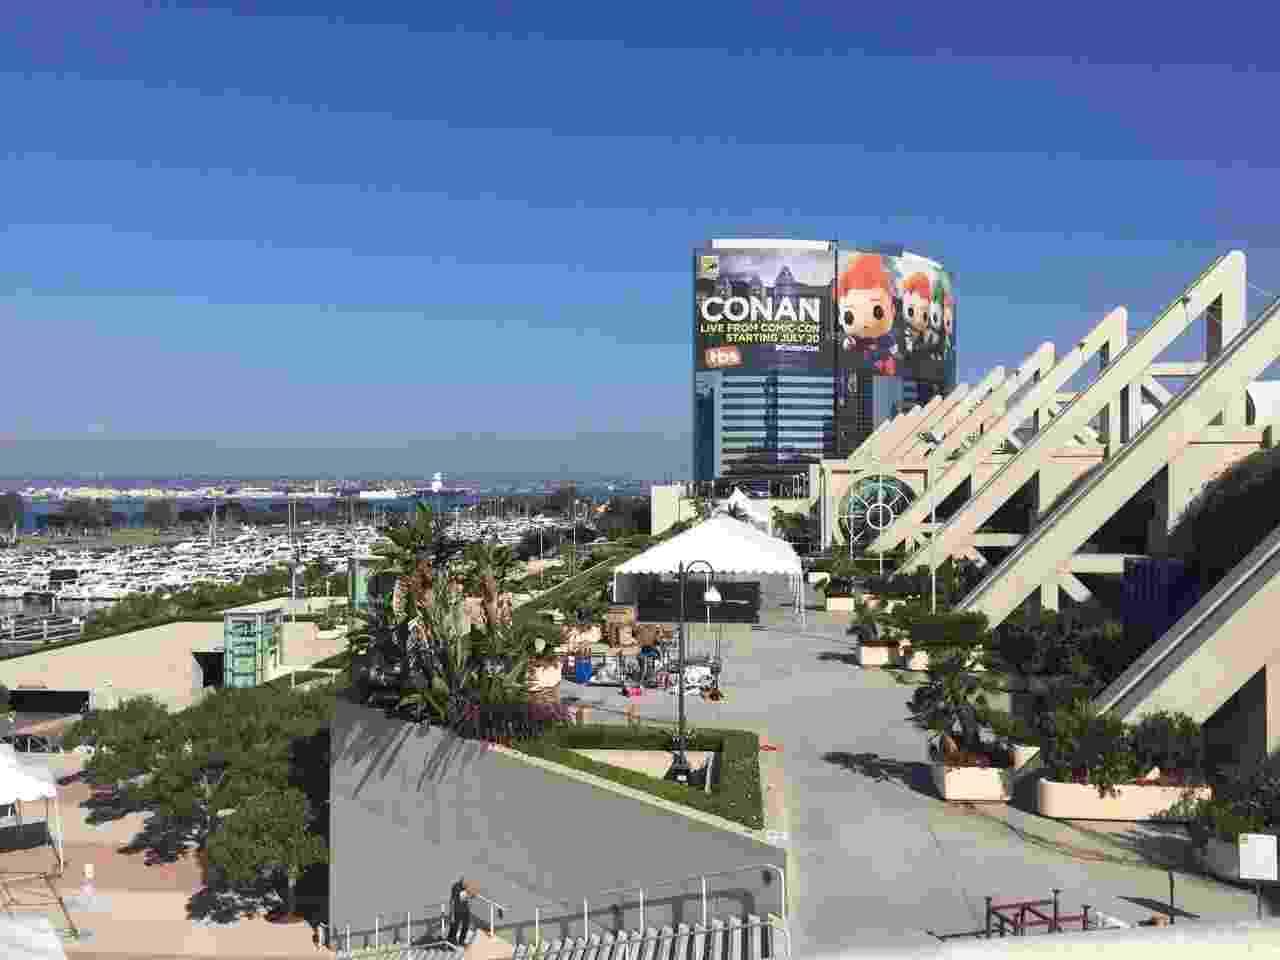 19.jul.2016 - O centro de convenções de San Diego, na Califórnia, prepara-se para receber a Comic-Con 2016. O evento reúne os principais lançamentos da cultura pop, de quarta até domingo - Felipe Branco Cruz/UOL